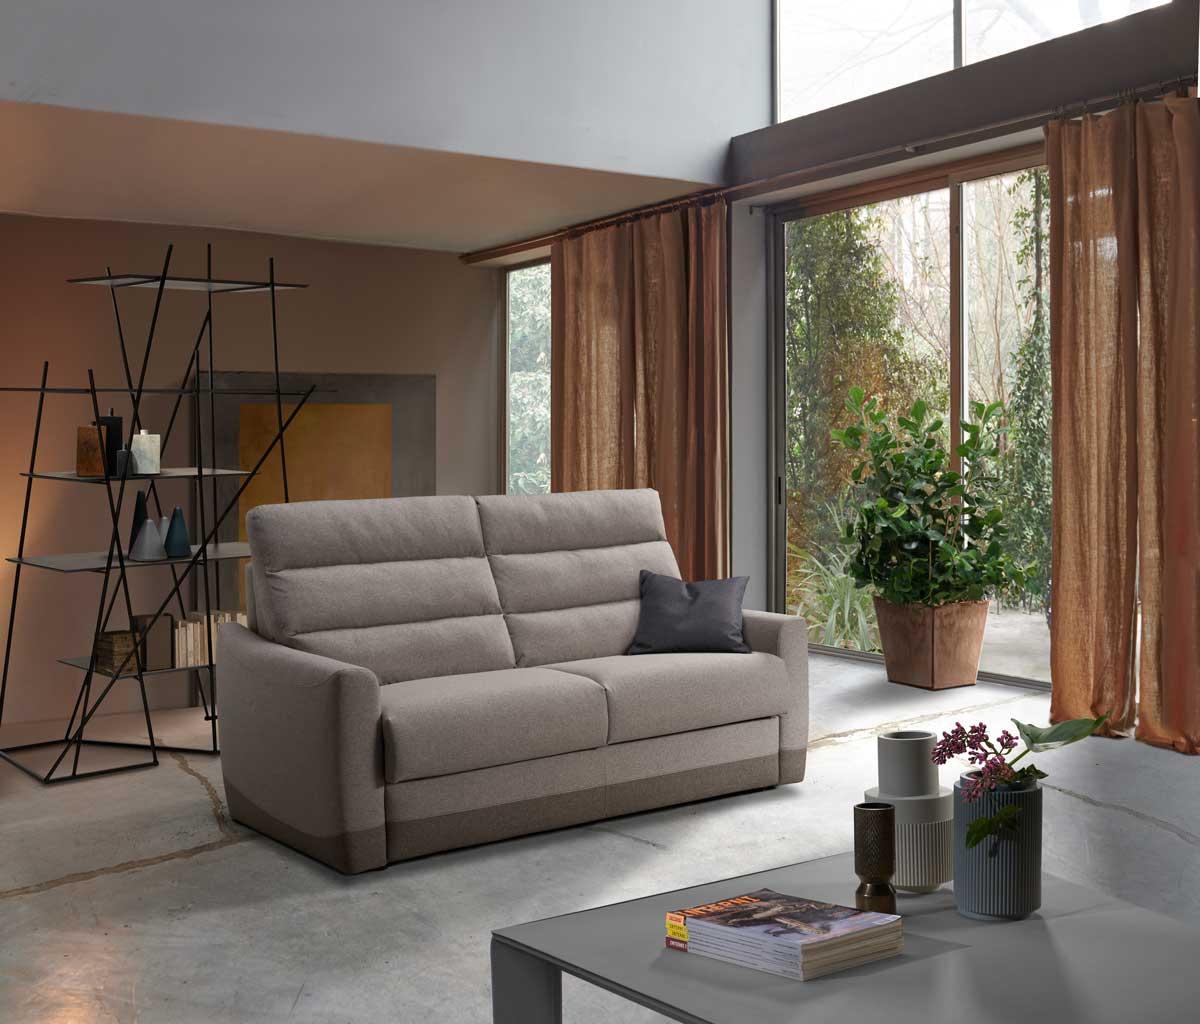 sofà letto con schienale alto e materasso h 21 cm memory